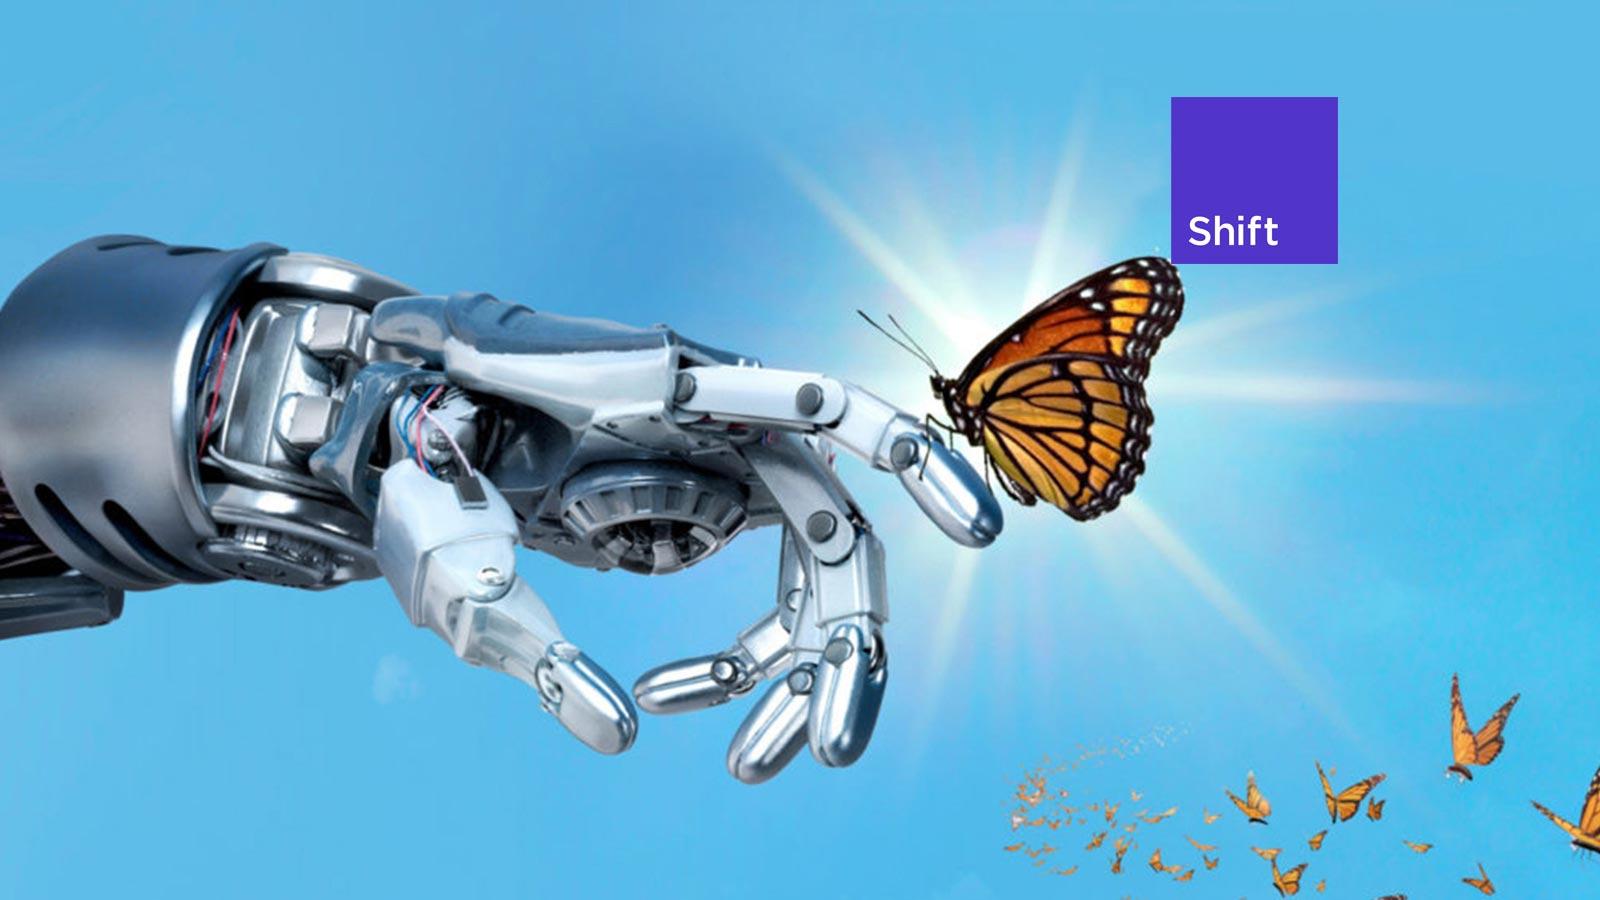 Luko et Shift Technology mettent la lutte contre la fraude à l'heure du digital et de l'Intelligence artificielle